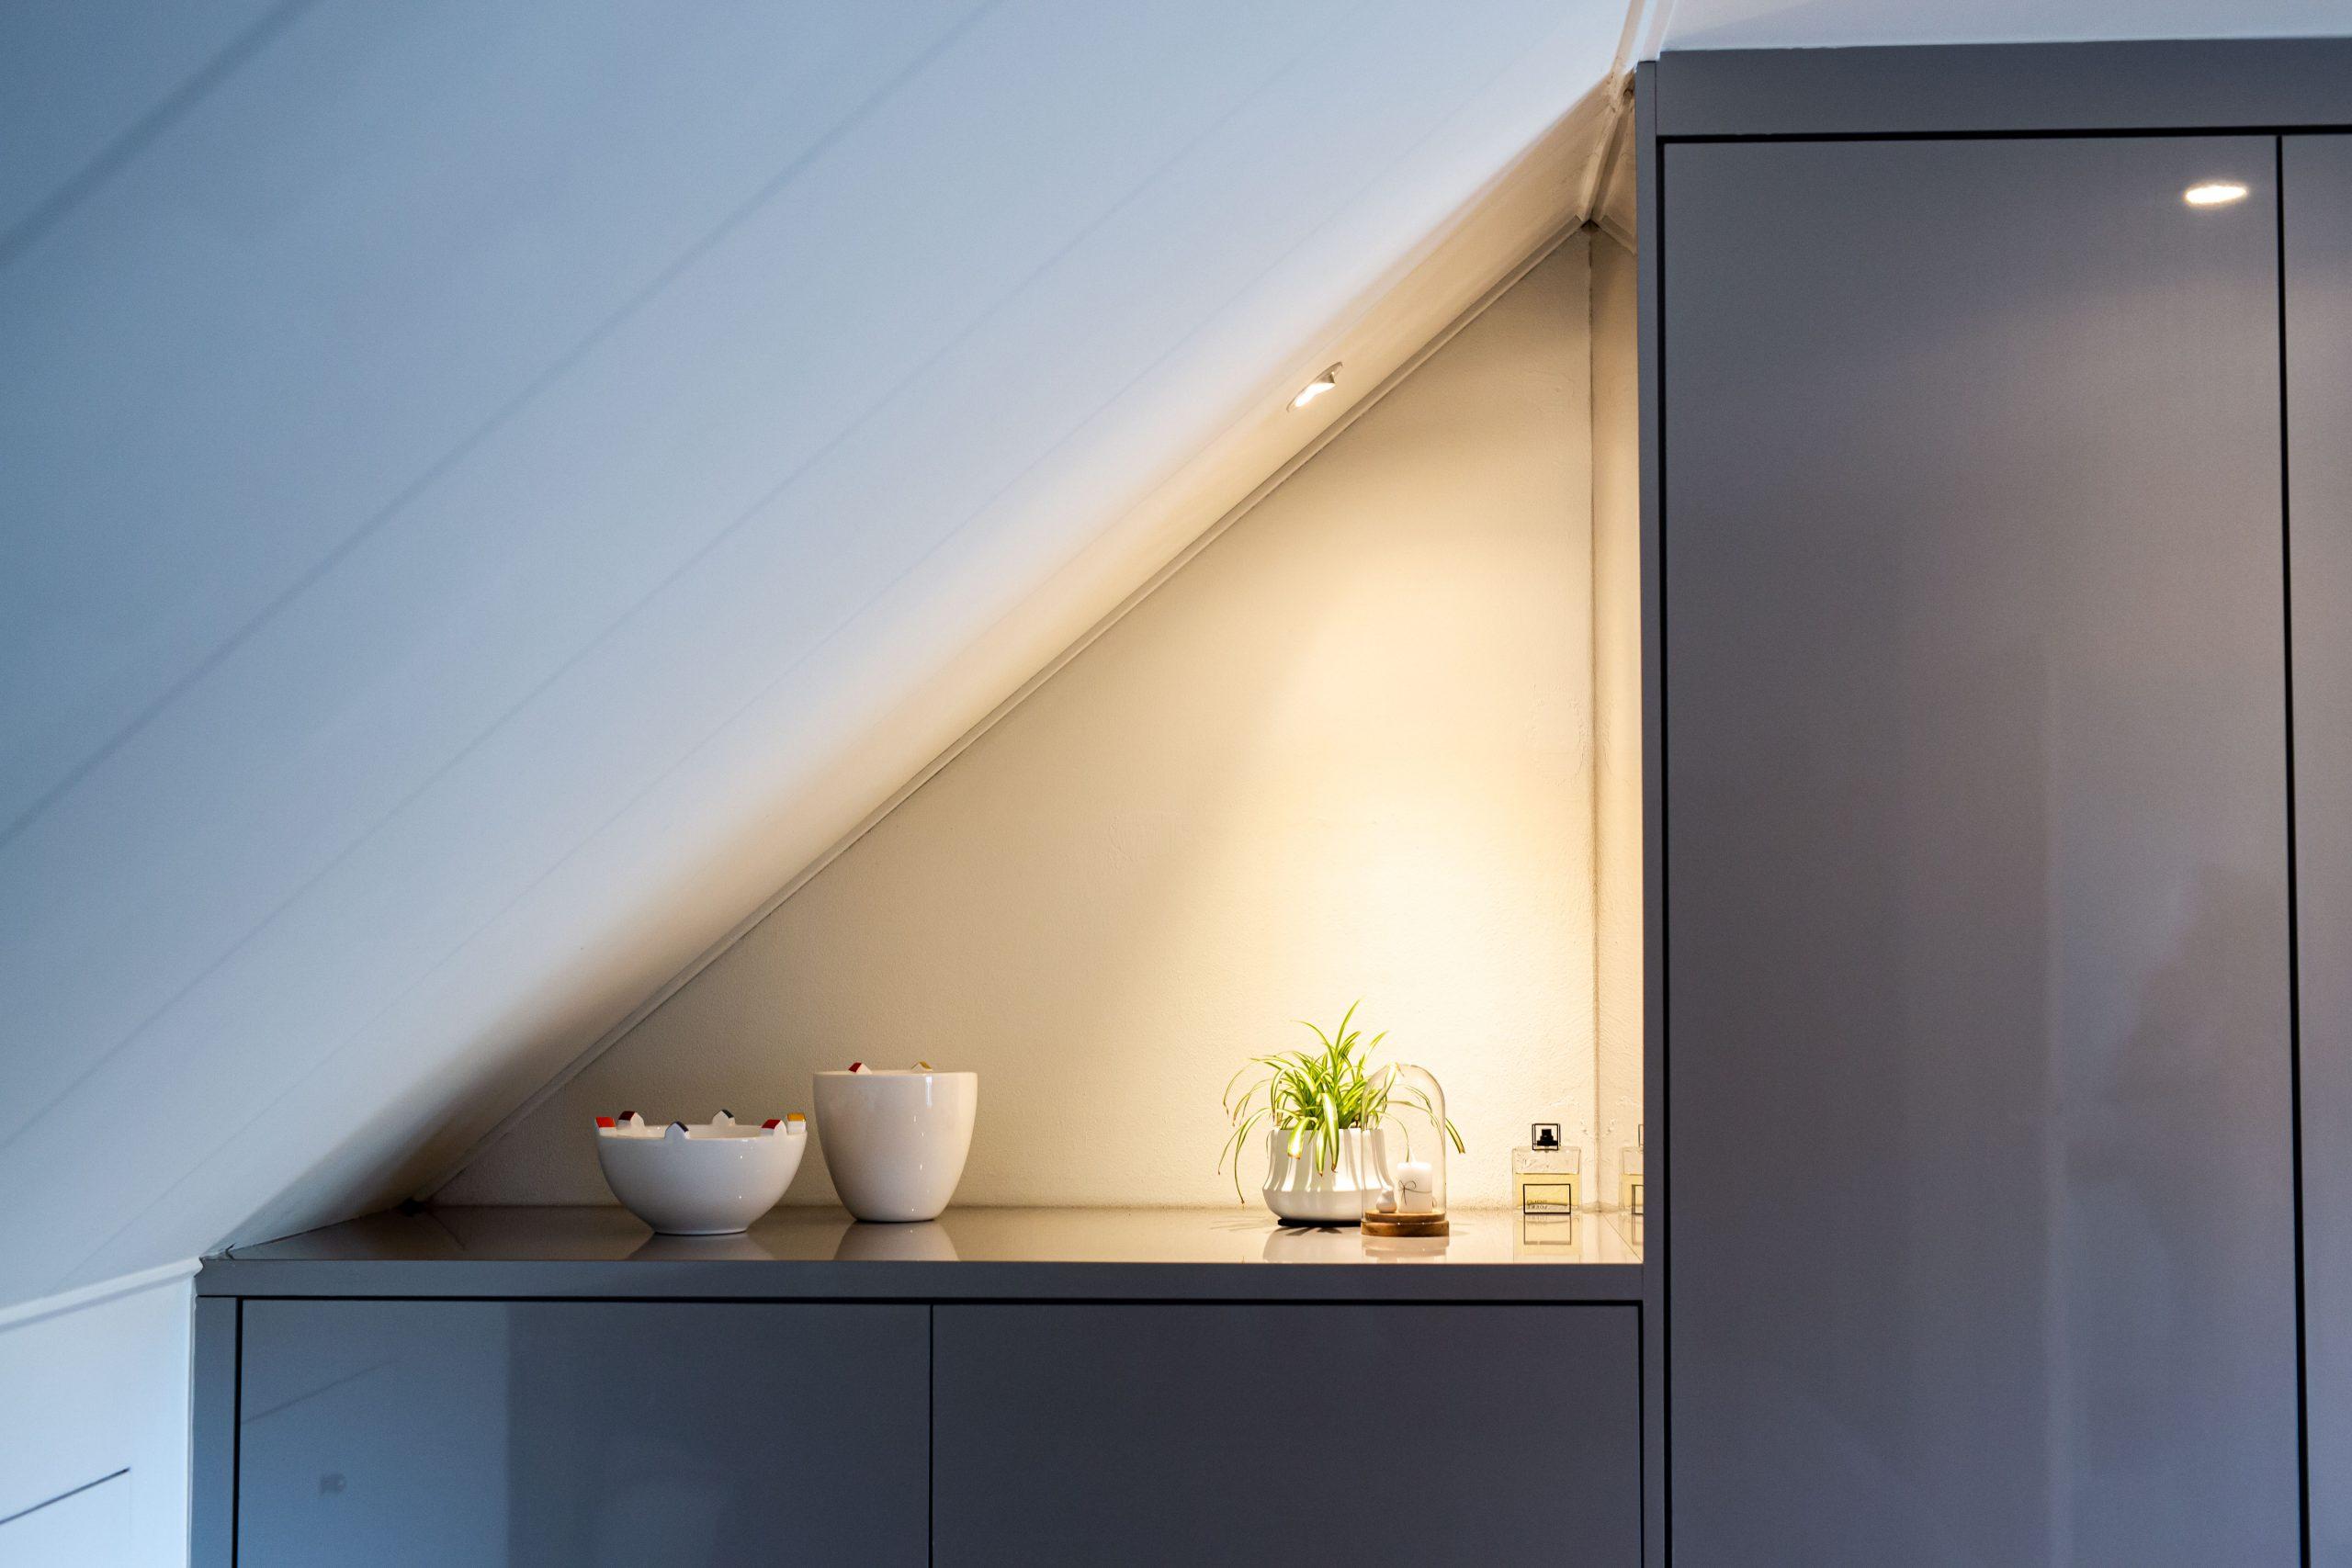 Sens Interieurs - kastruimte slaapkamers - galerij6